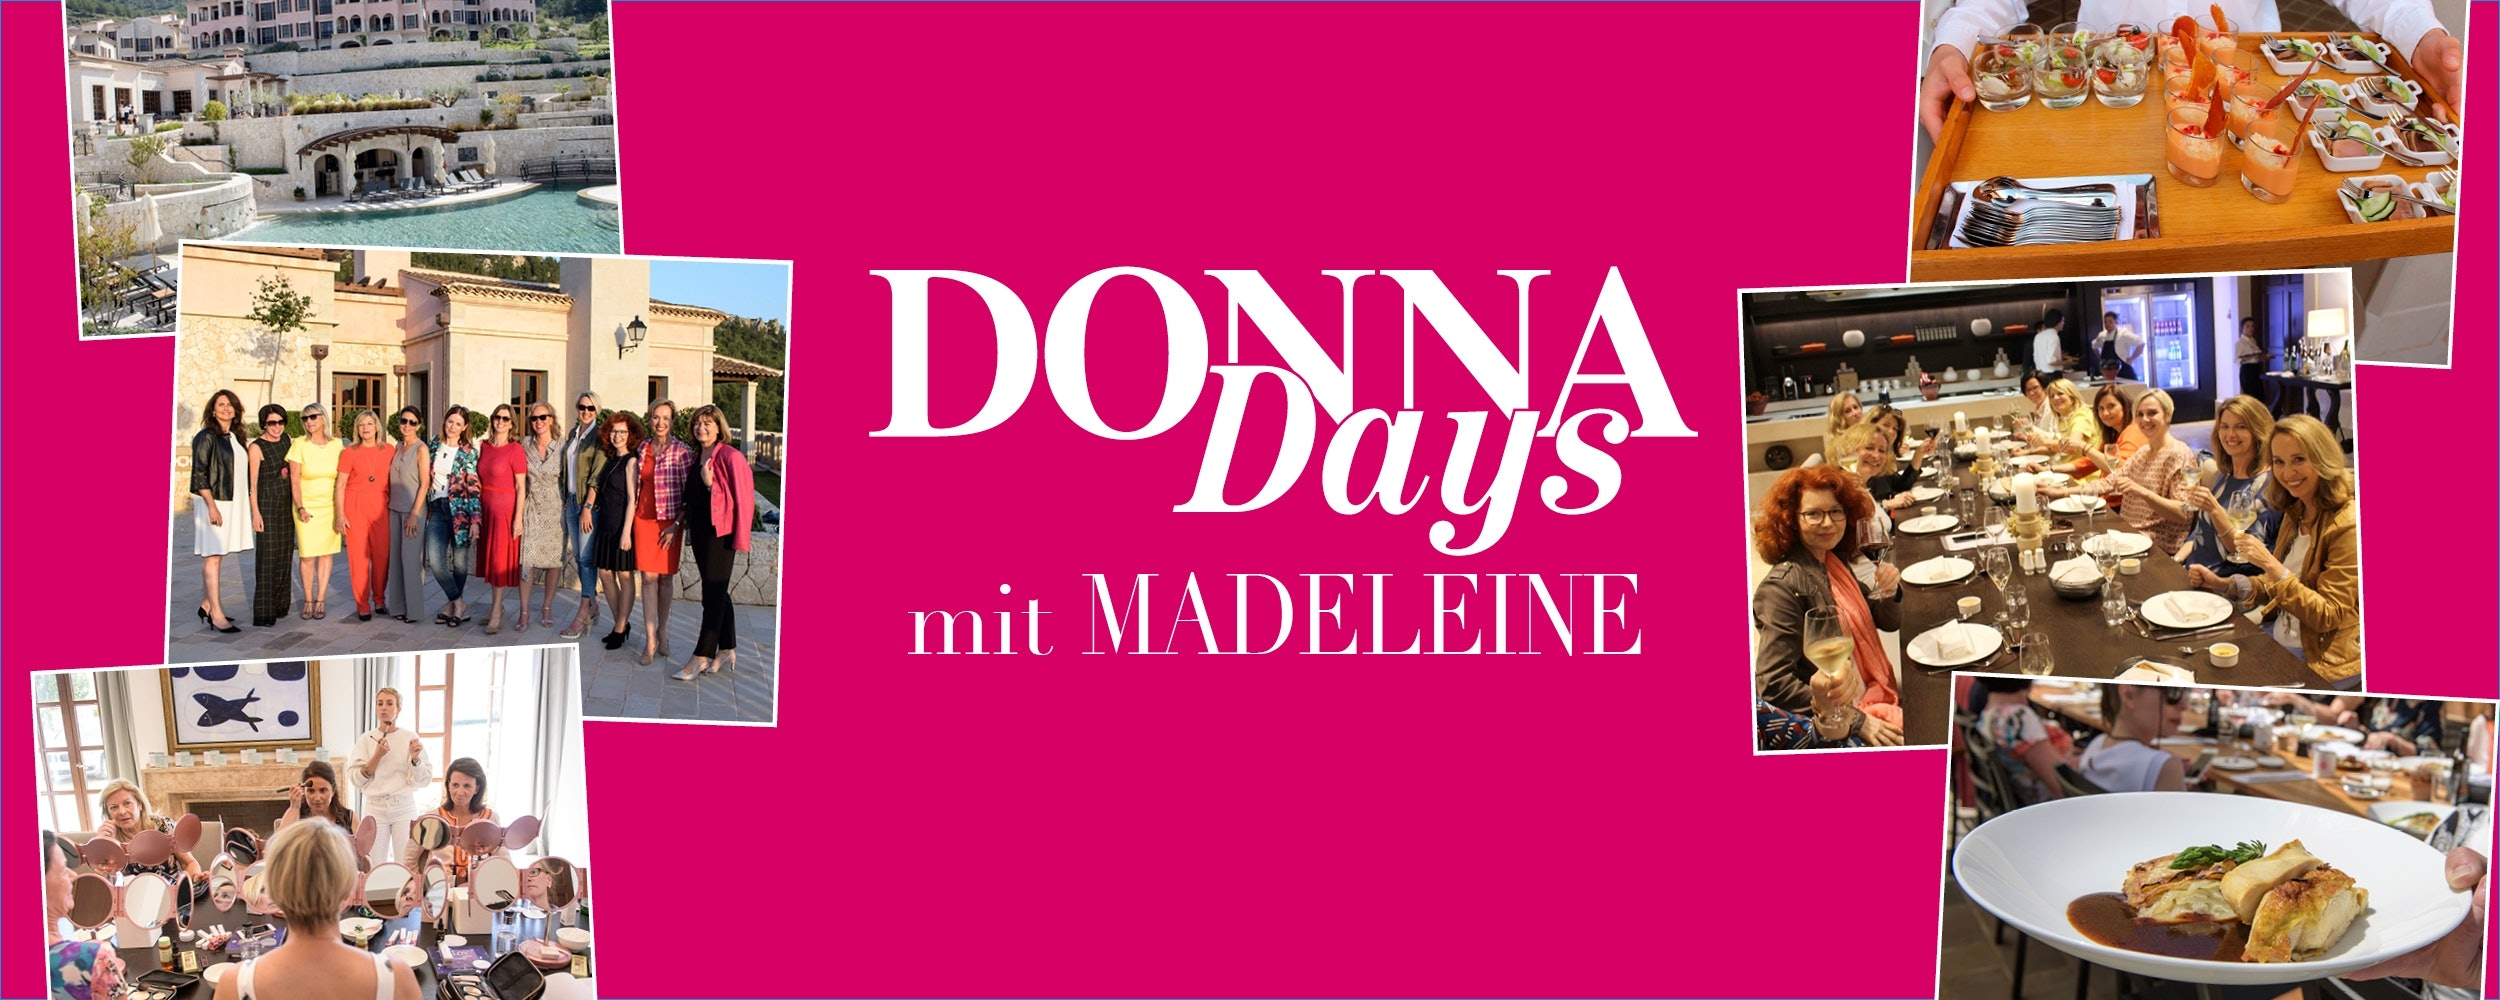 Mit MADELEINE auf den DONNA Days